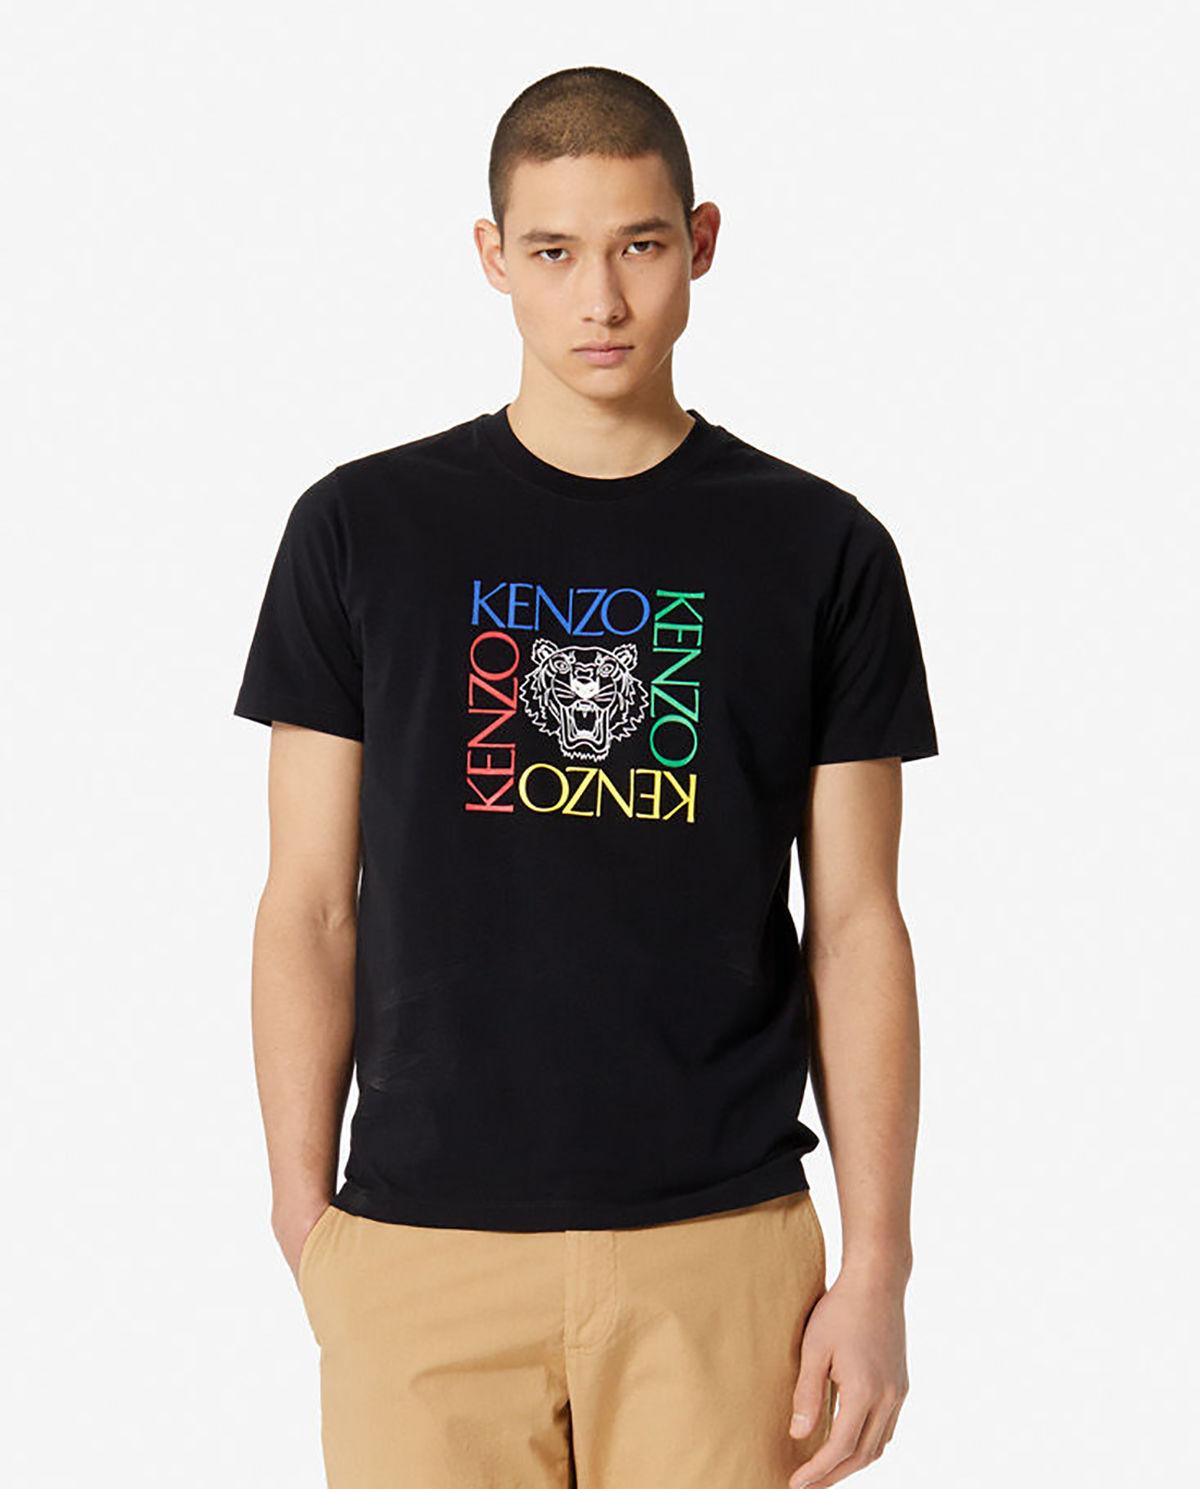 d17f3d45df T-shirt tiger square KENZO – Kup Teraz! Najlepsze ceny i opinie ...